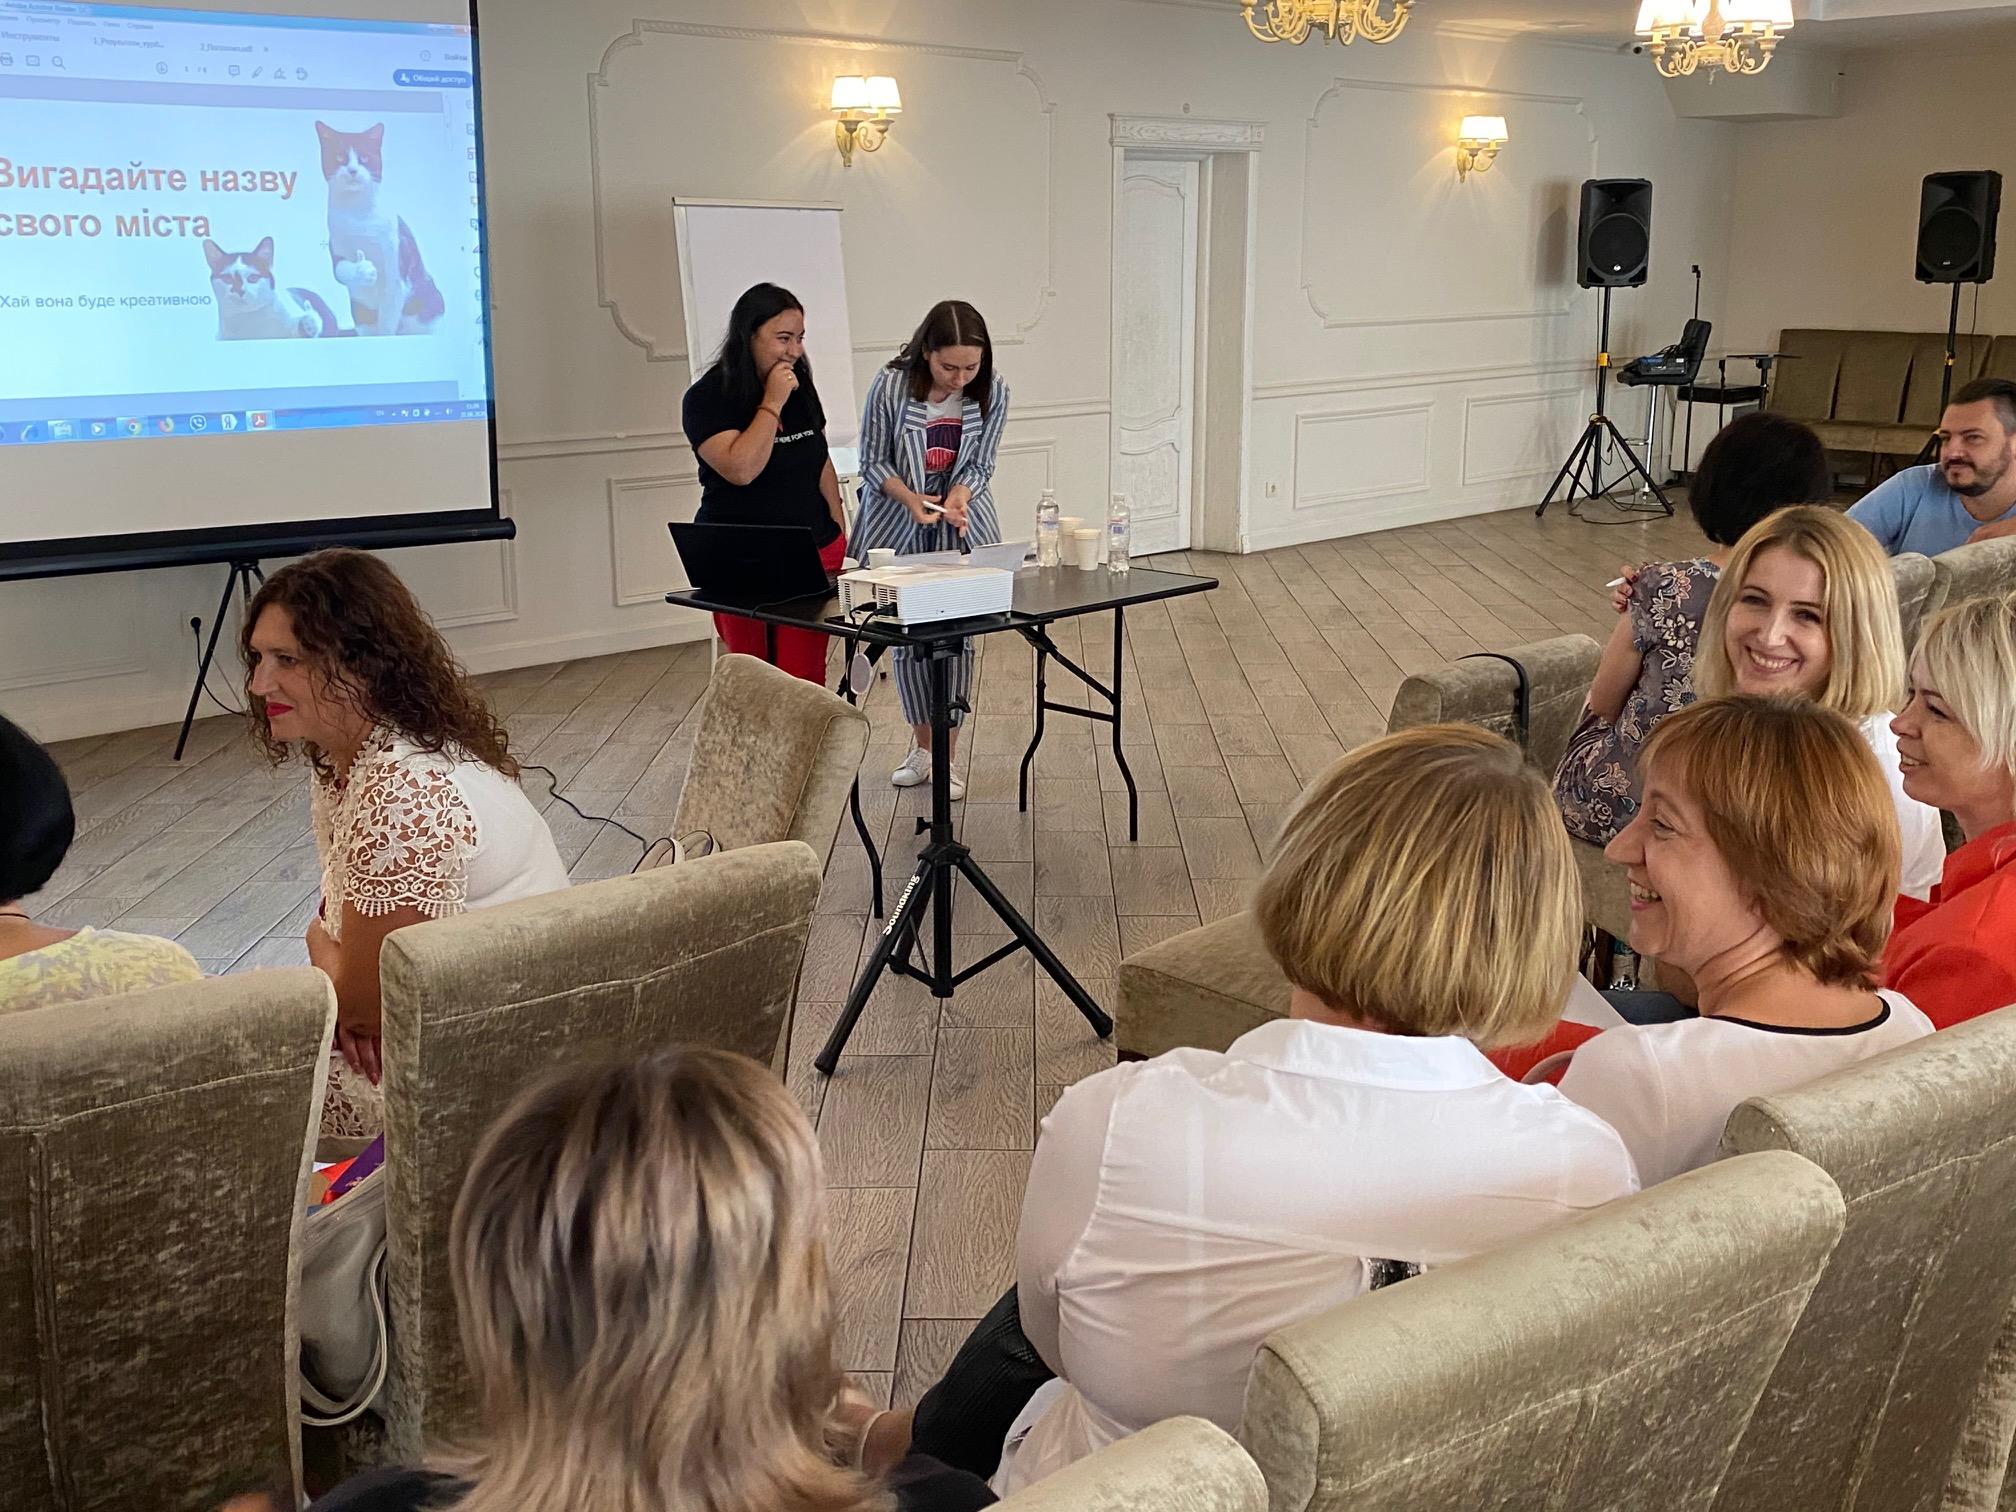 Тренінг для редакторів реформованих ЗМІ на  тему: «Робота з аудиторією: як стати впливовим медіа громади та постійно нарощувати кількість читачів»